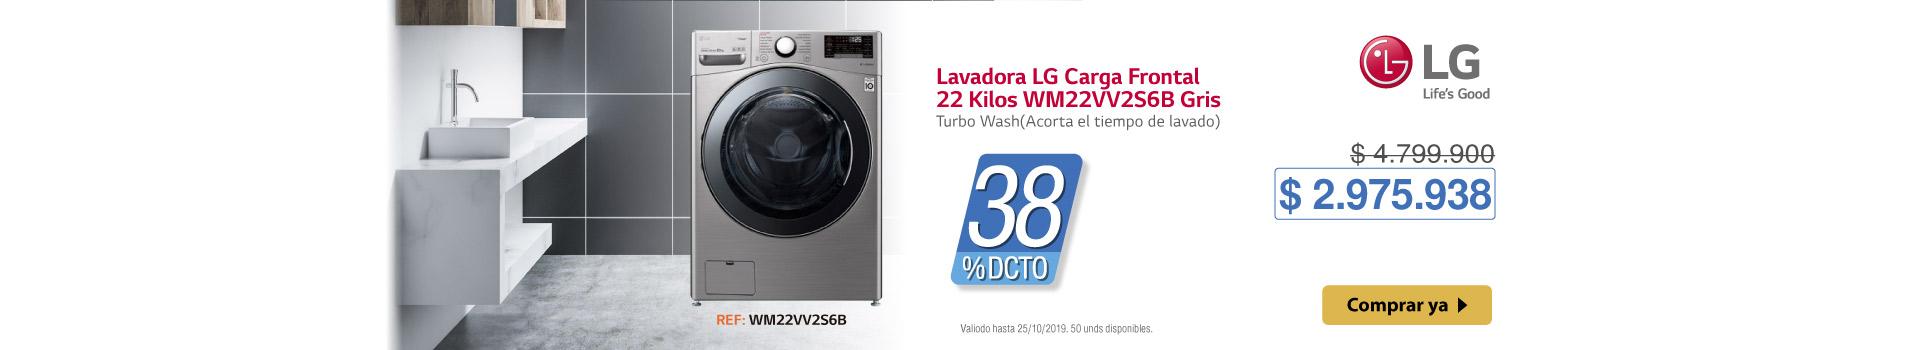 AK-KT LB LG LAVADORA  WM22VV2S6B   BCAT1-LAVA 17 OCT